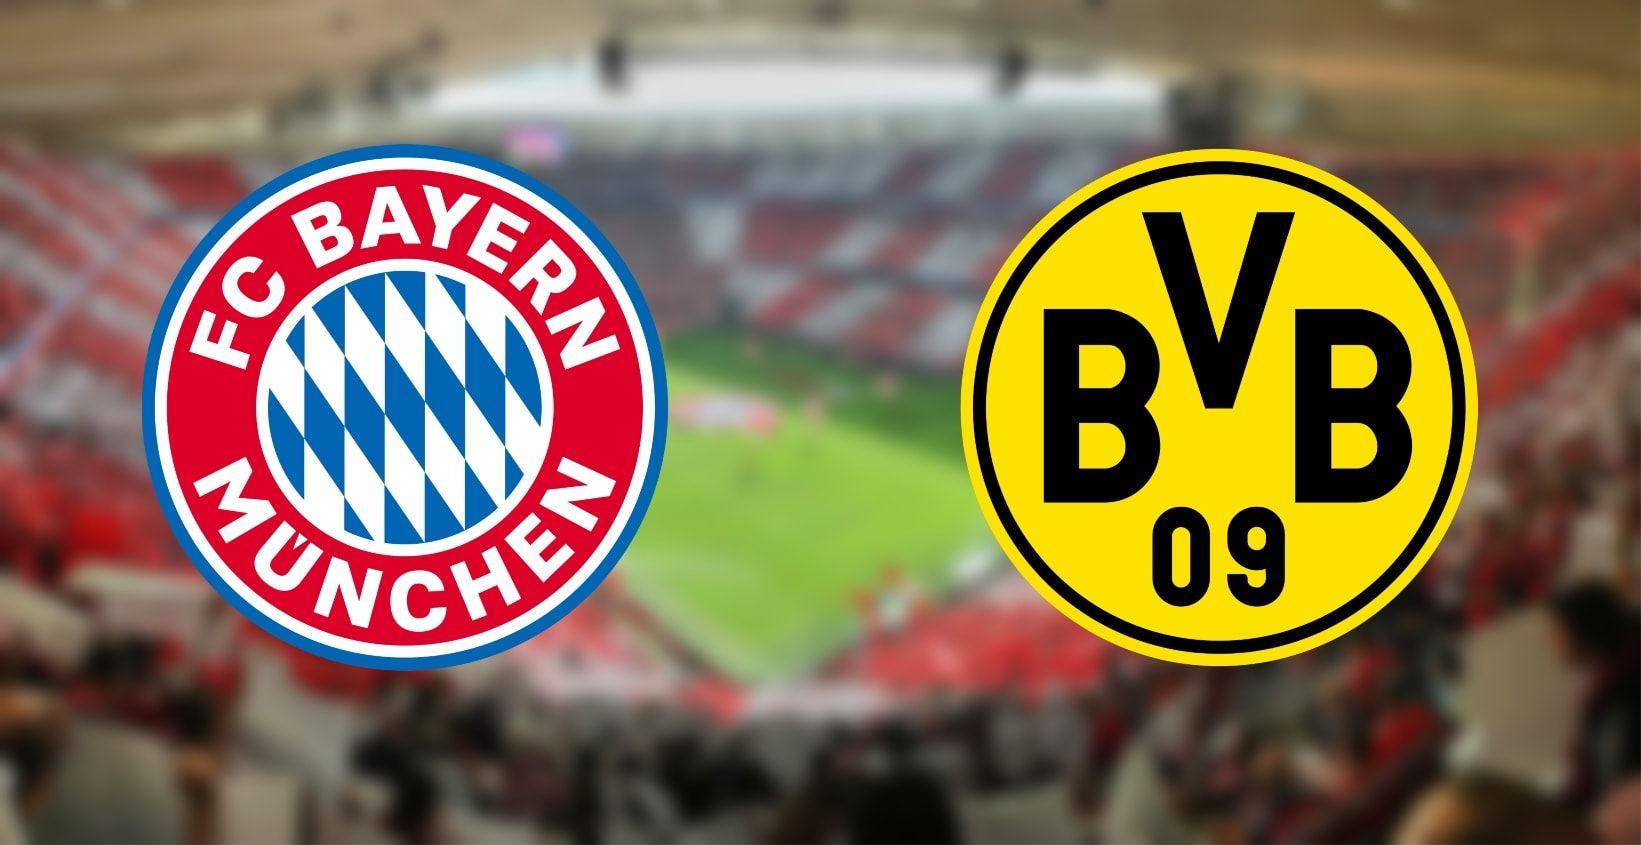 Bayern Munich vs Borussia Dortmund Prediction: 09.11.2019 Bundesliga Match